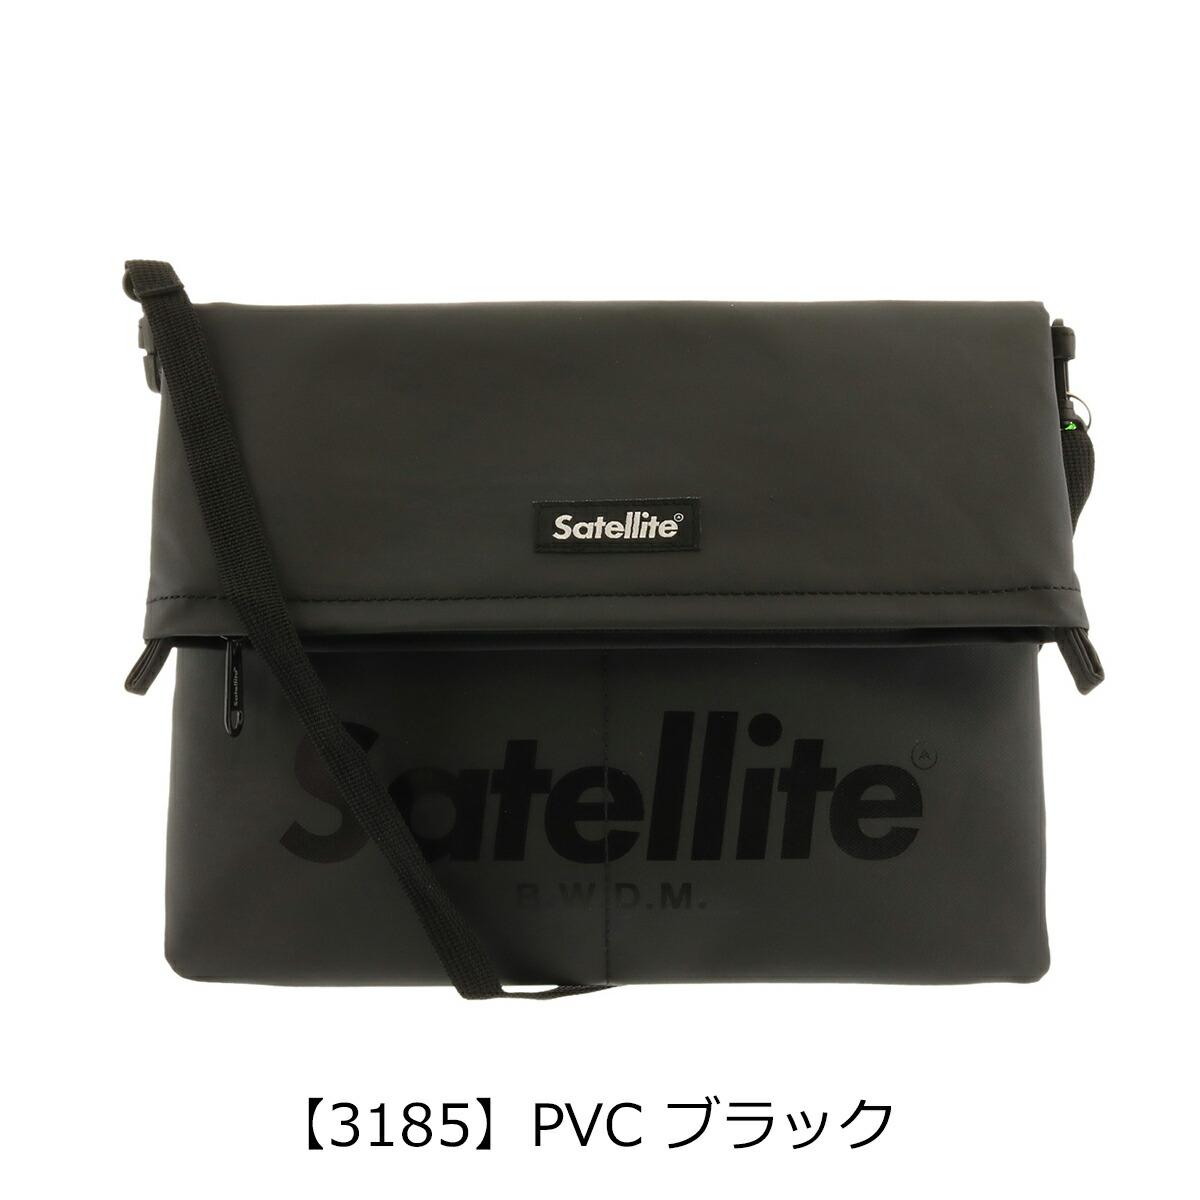 【3185】PVC ブラック